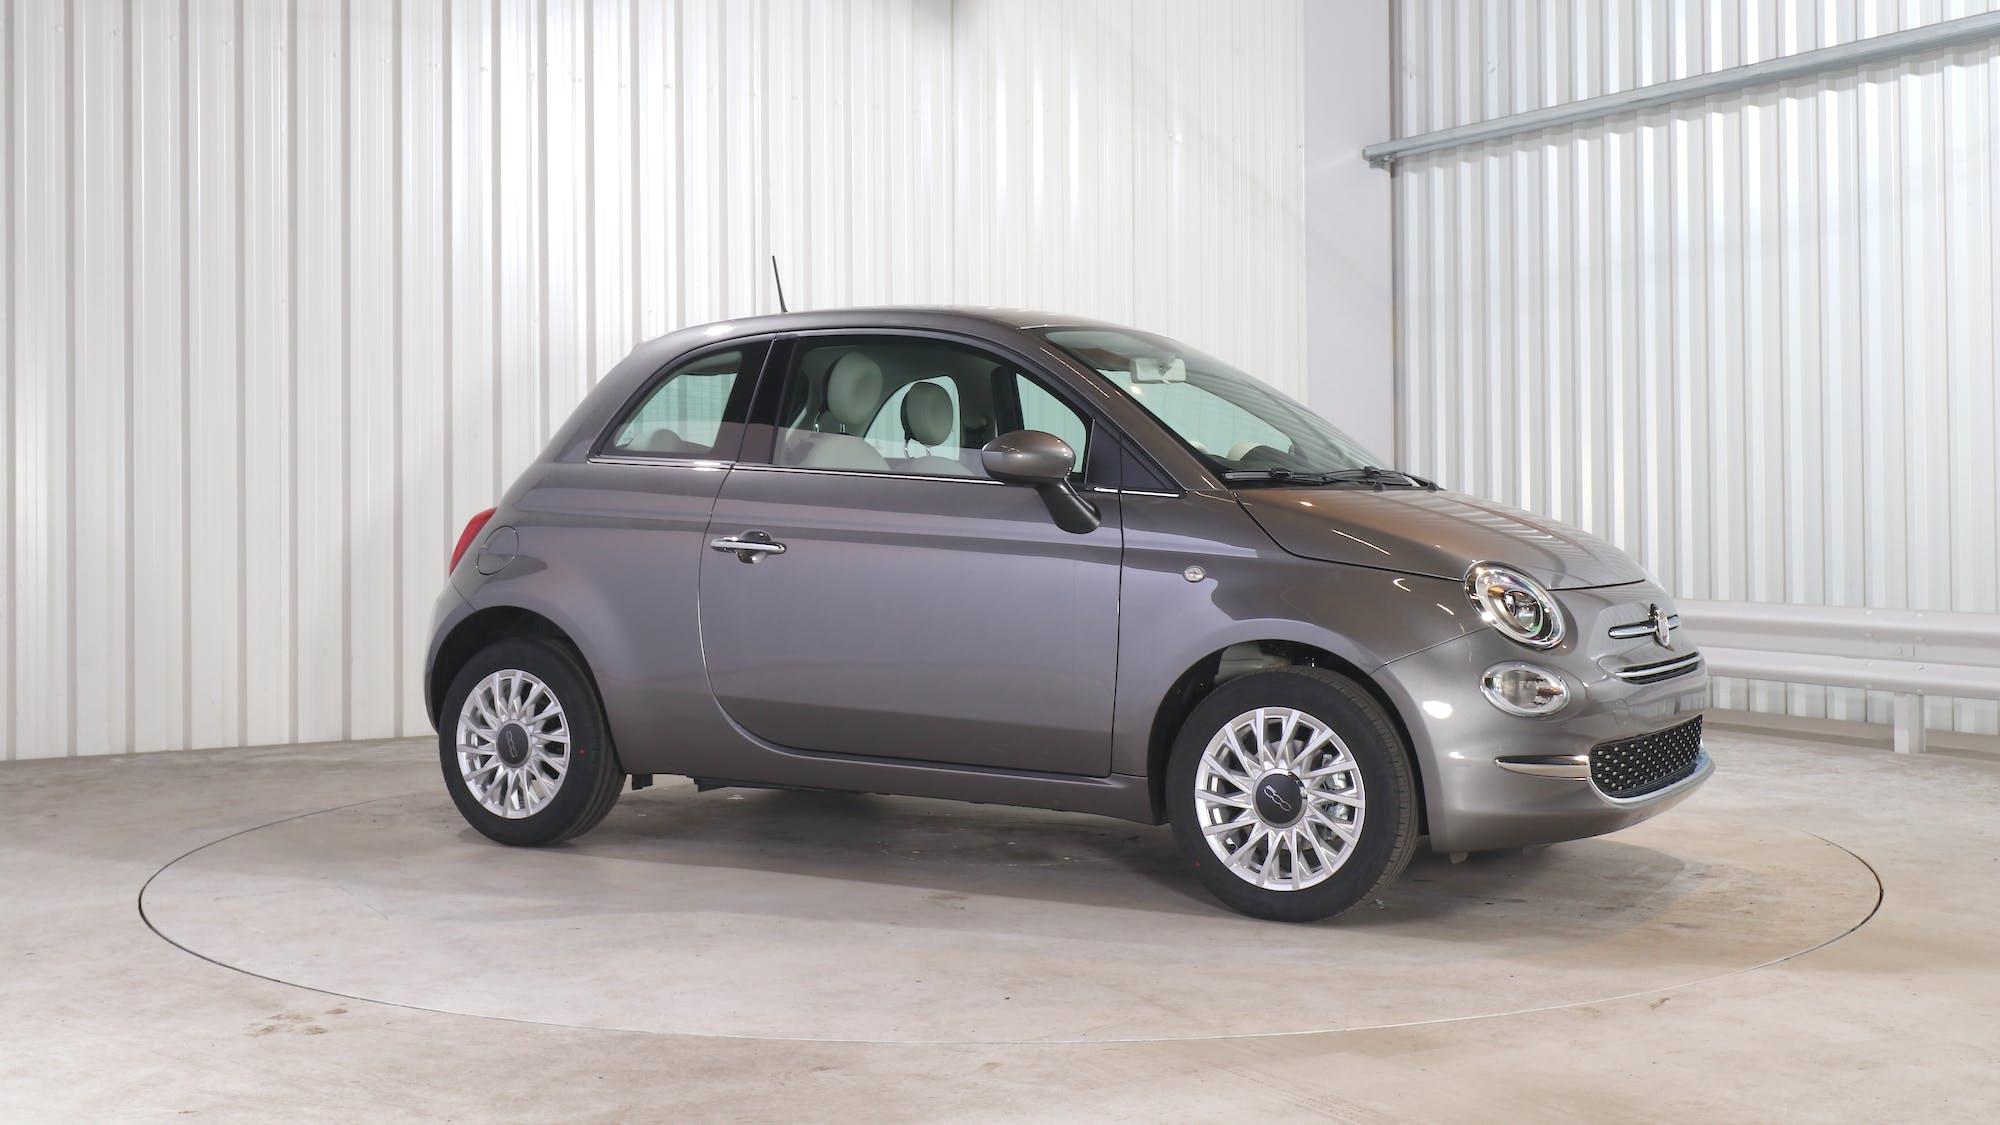 FIAT 500 leasing exterior 9